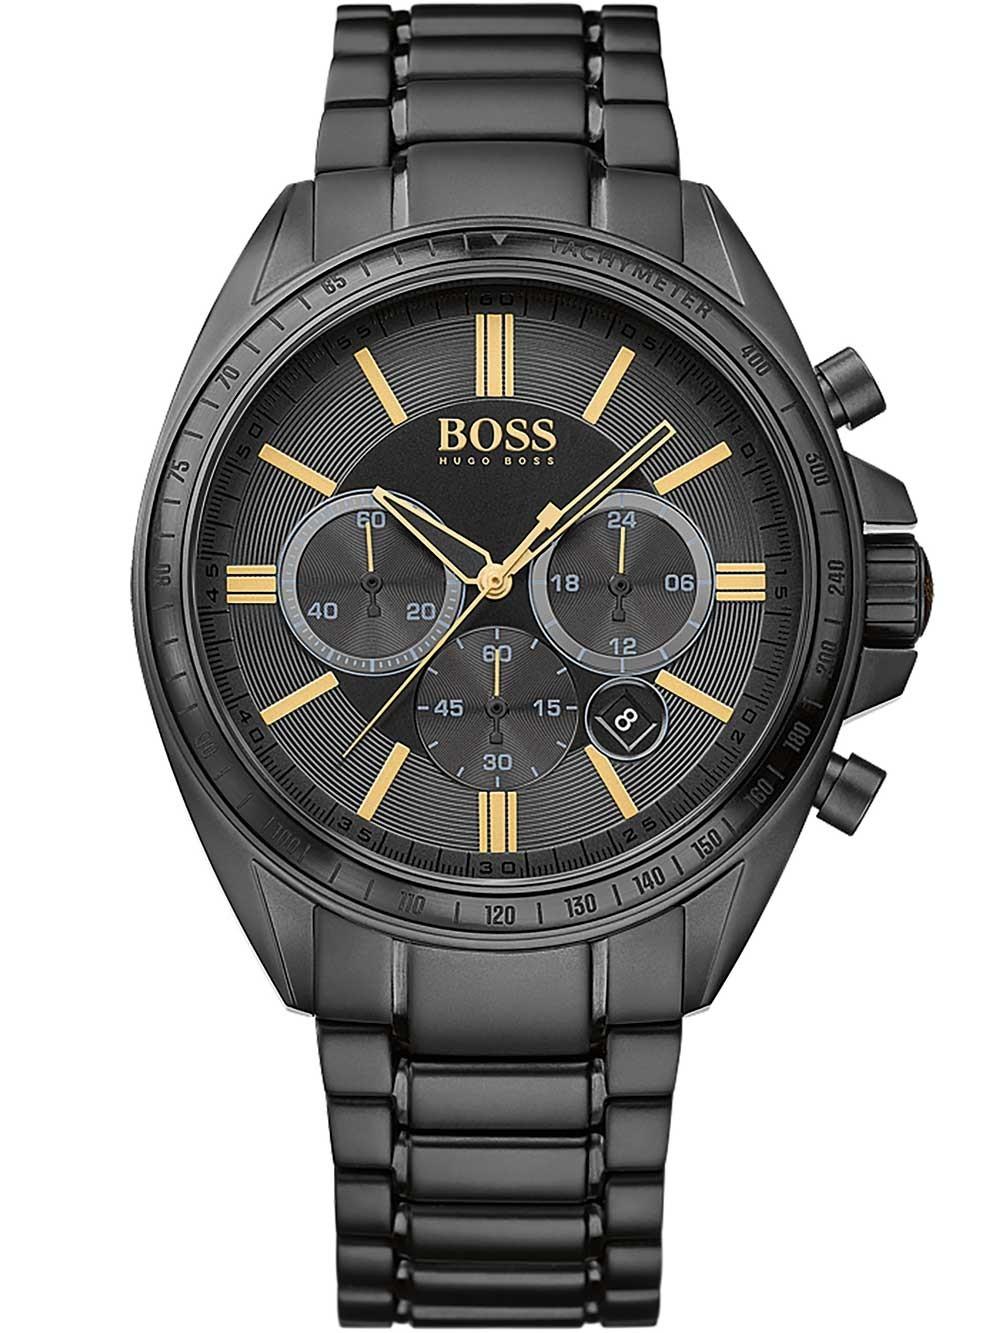 ceas barbatesc hugo boss 1513277 diver chrono 5atm 46mm